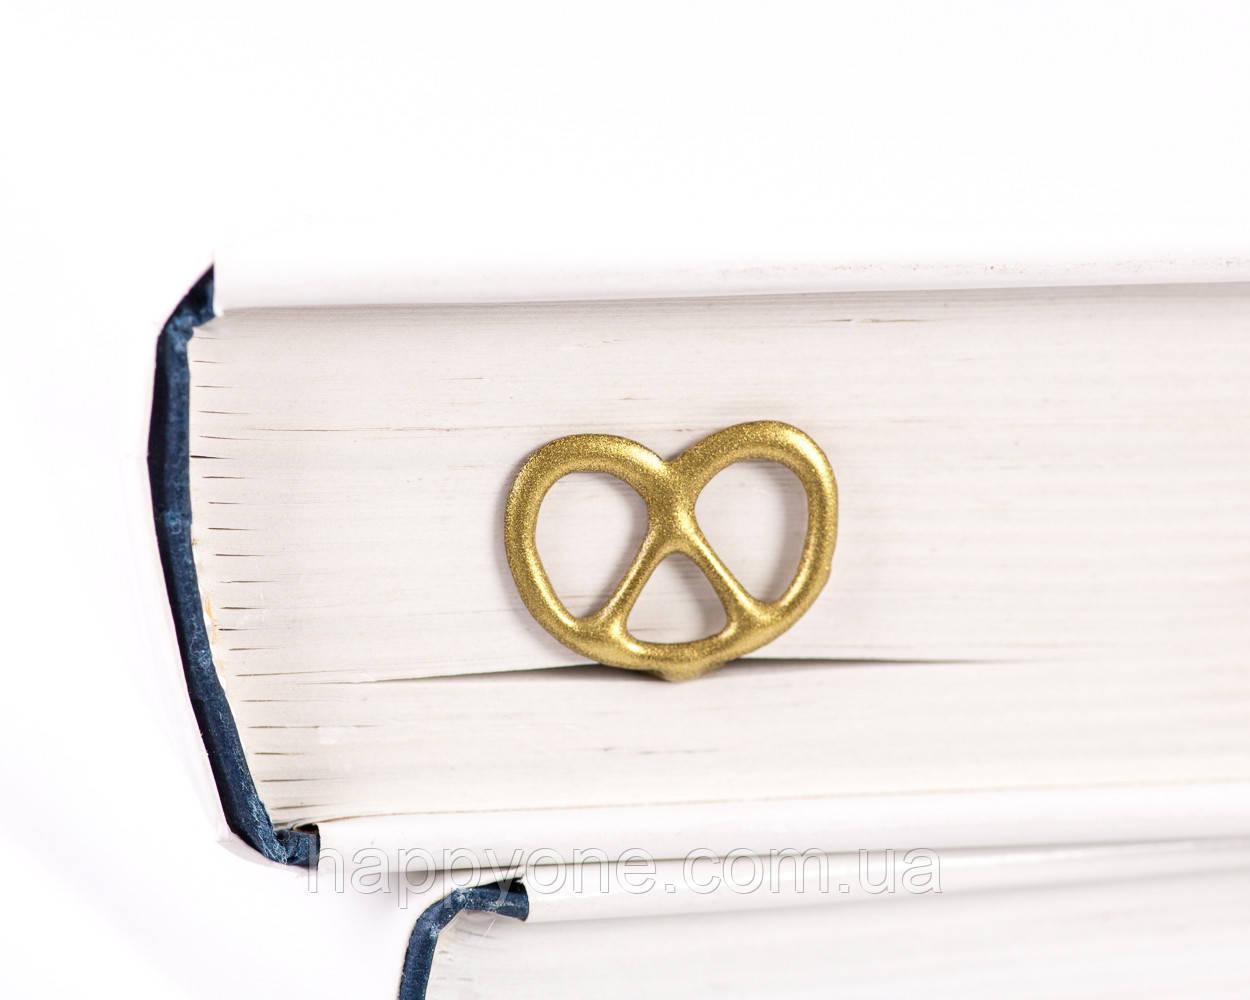 Закладка для книг Бейгл